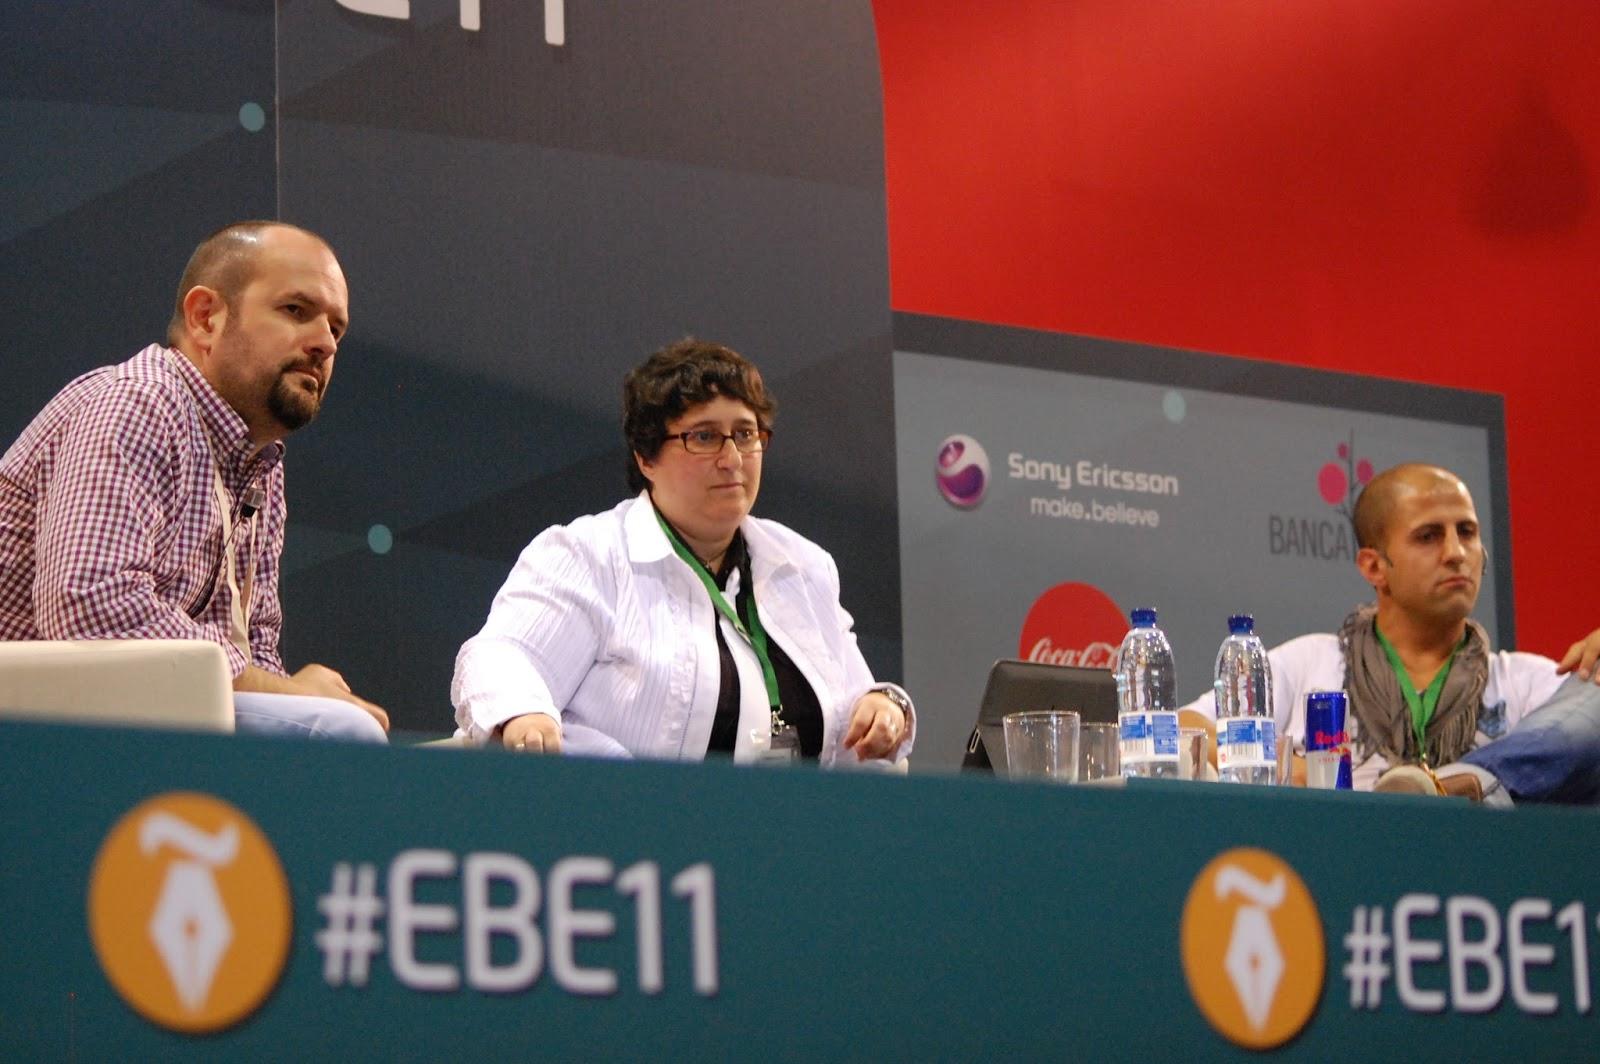 @RicharTejedor, @DoloresVela e @Israel_Garcia, durante la mesa de debate sobre Social CRM Fotografía: Carmen Jara Delgado